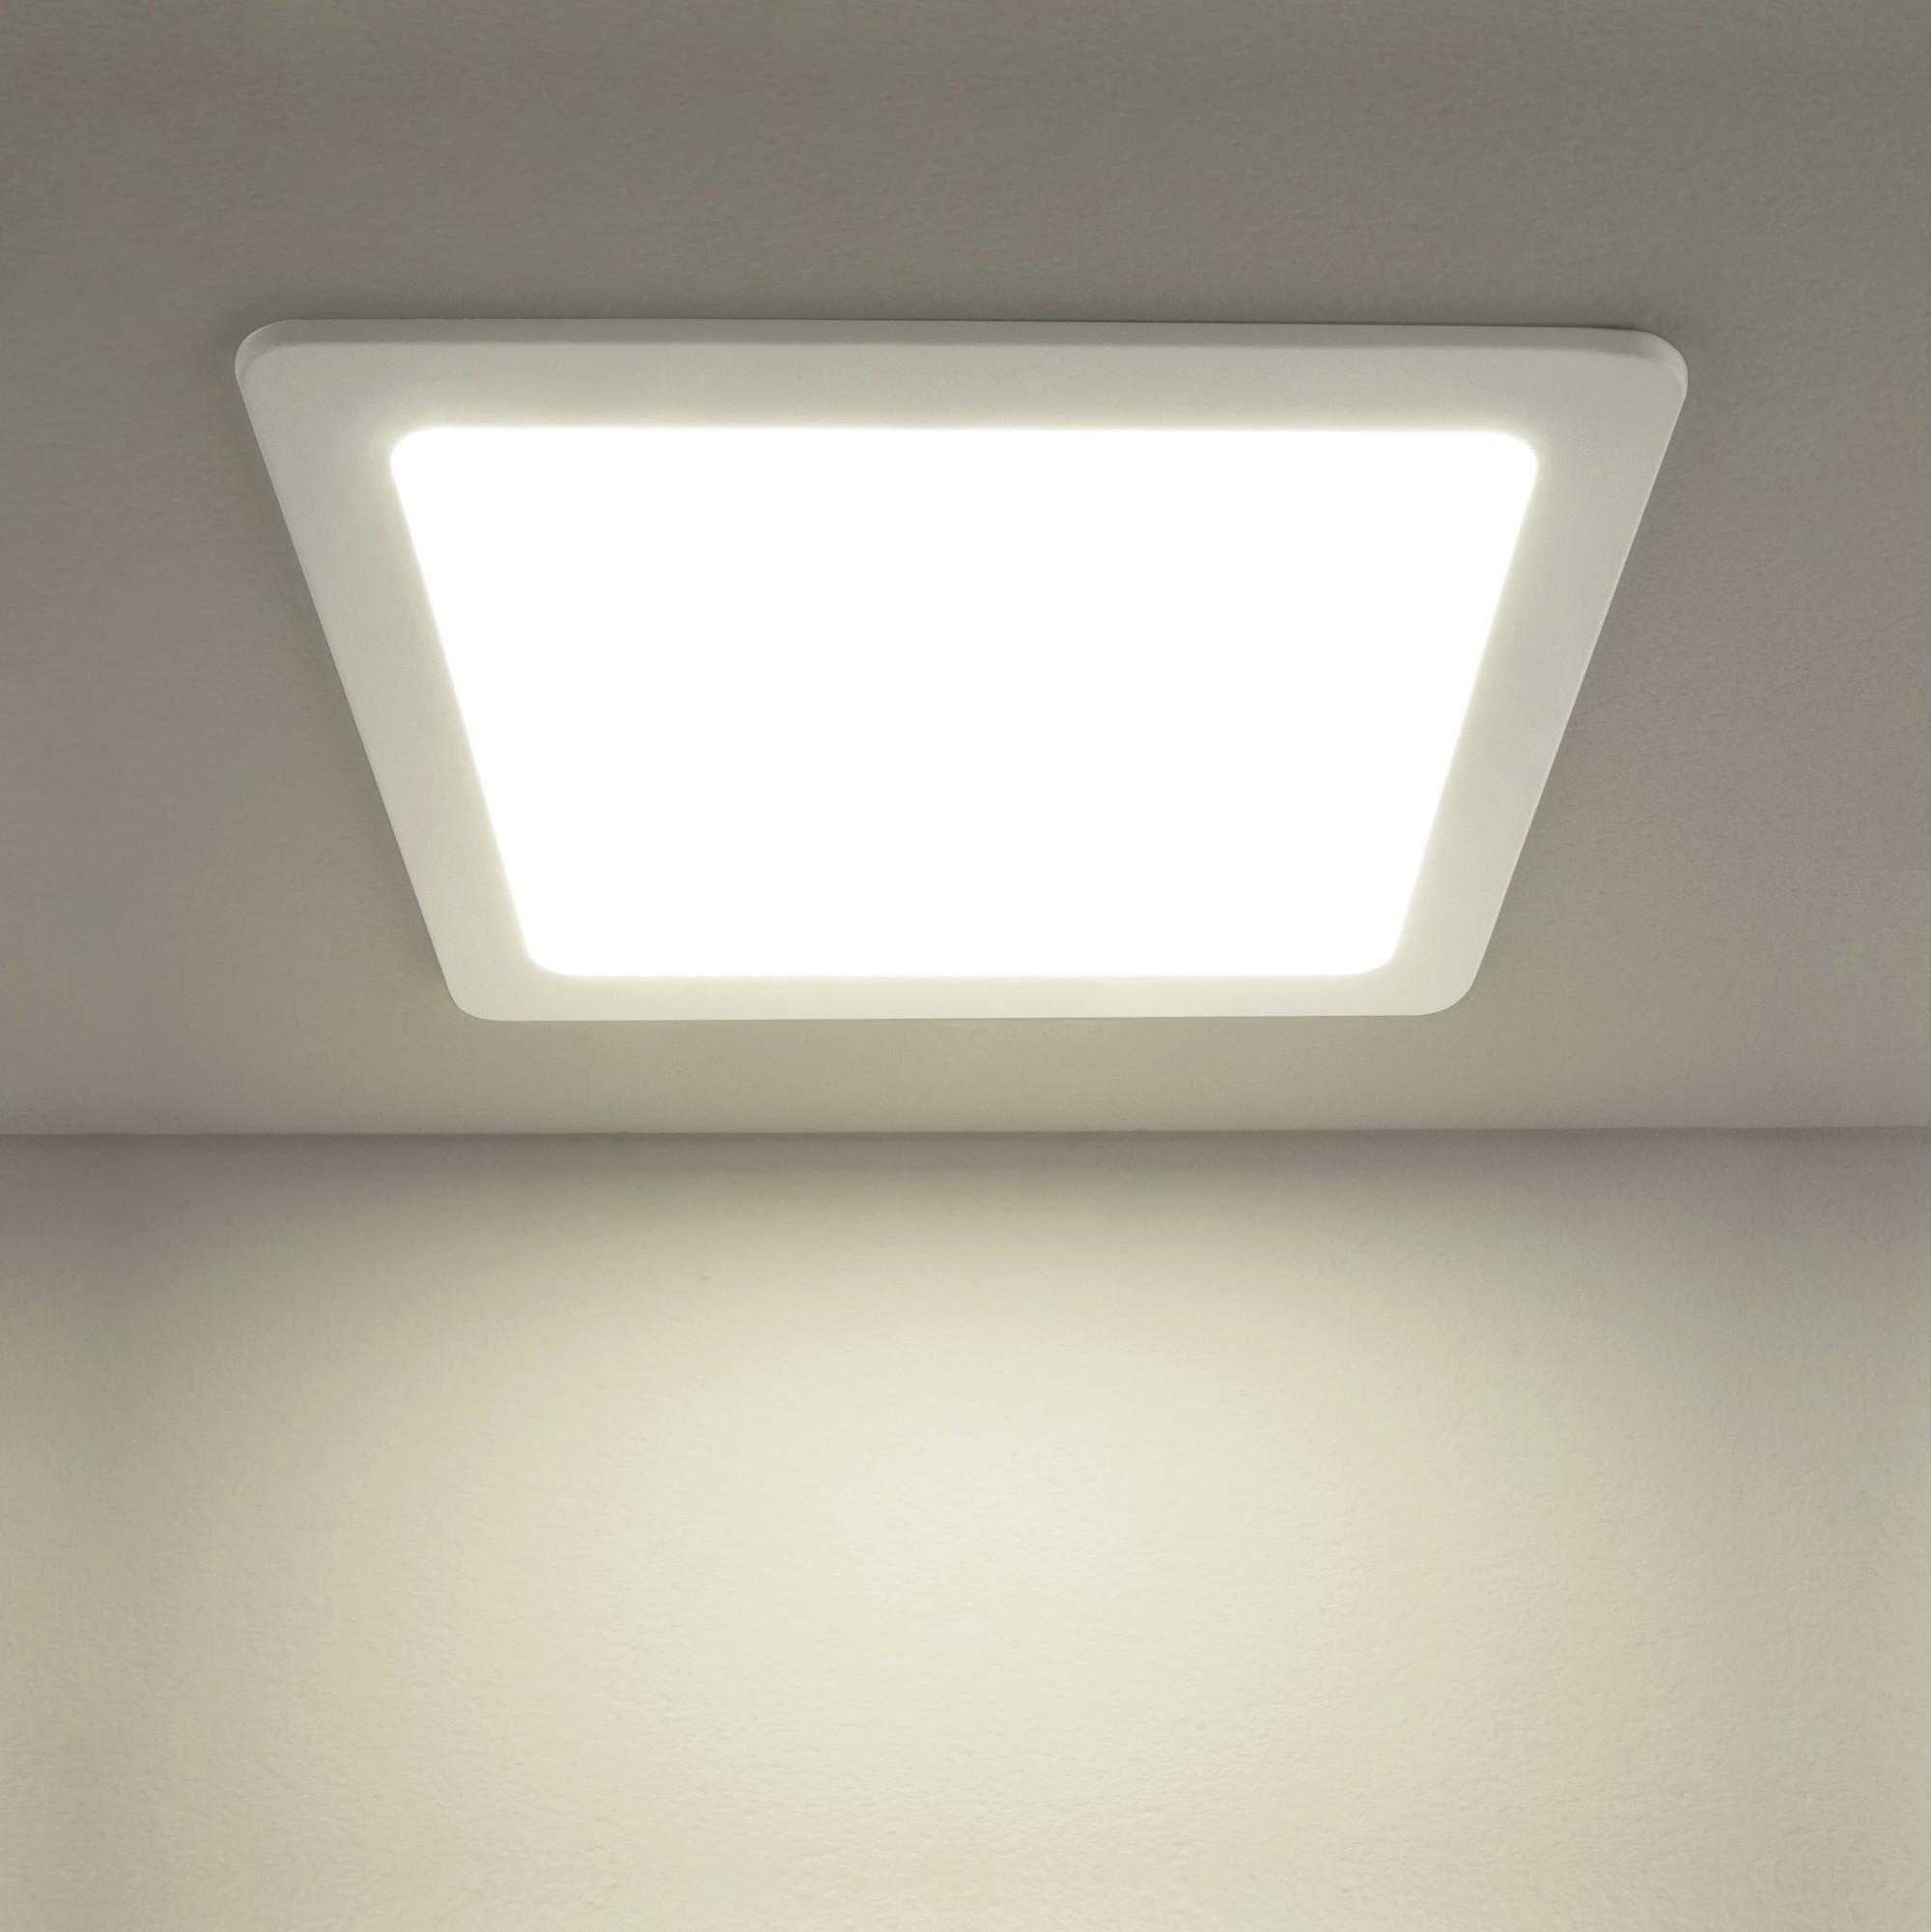 Фото Встраиваемый светильник Downlight a034919